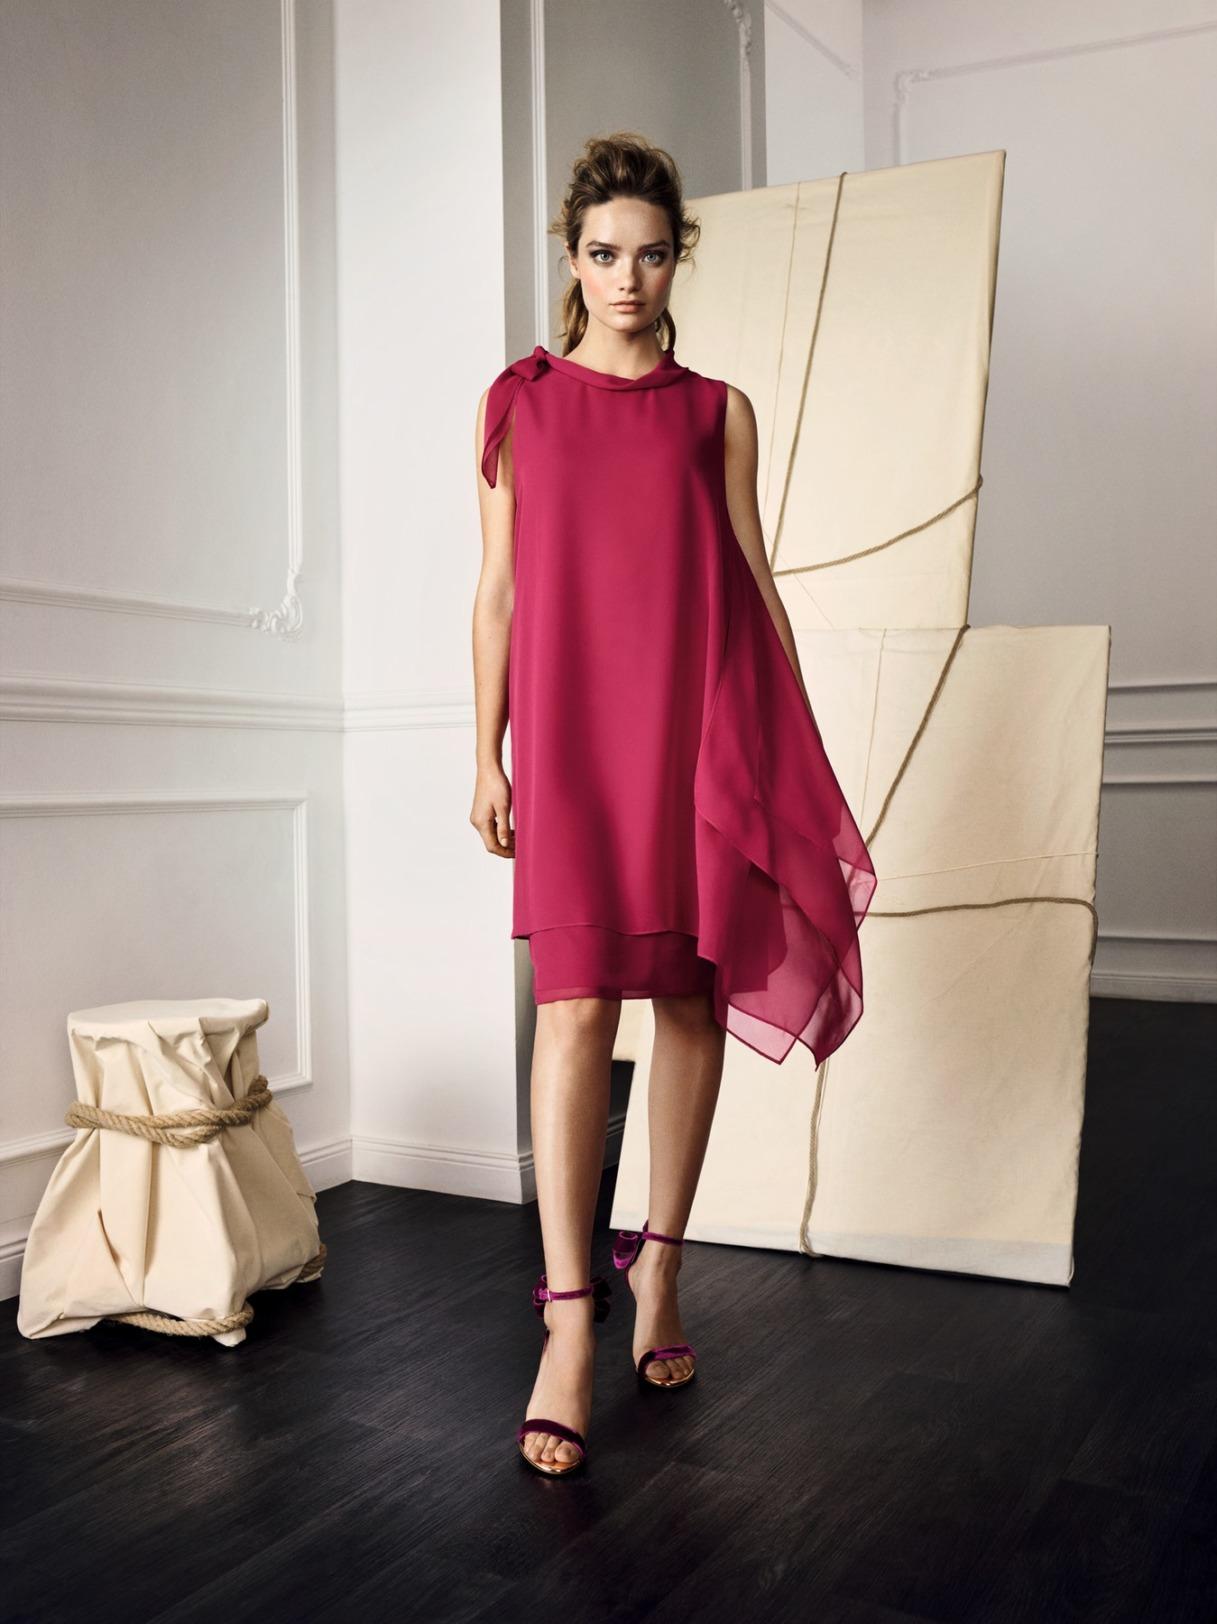 Vera Mont Kleid Anlass Mode Hochzeit Festmode Damen für Eltern rot chiffon kurz Abendkleid festlich